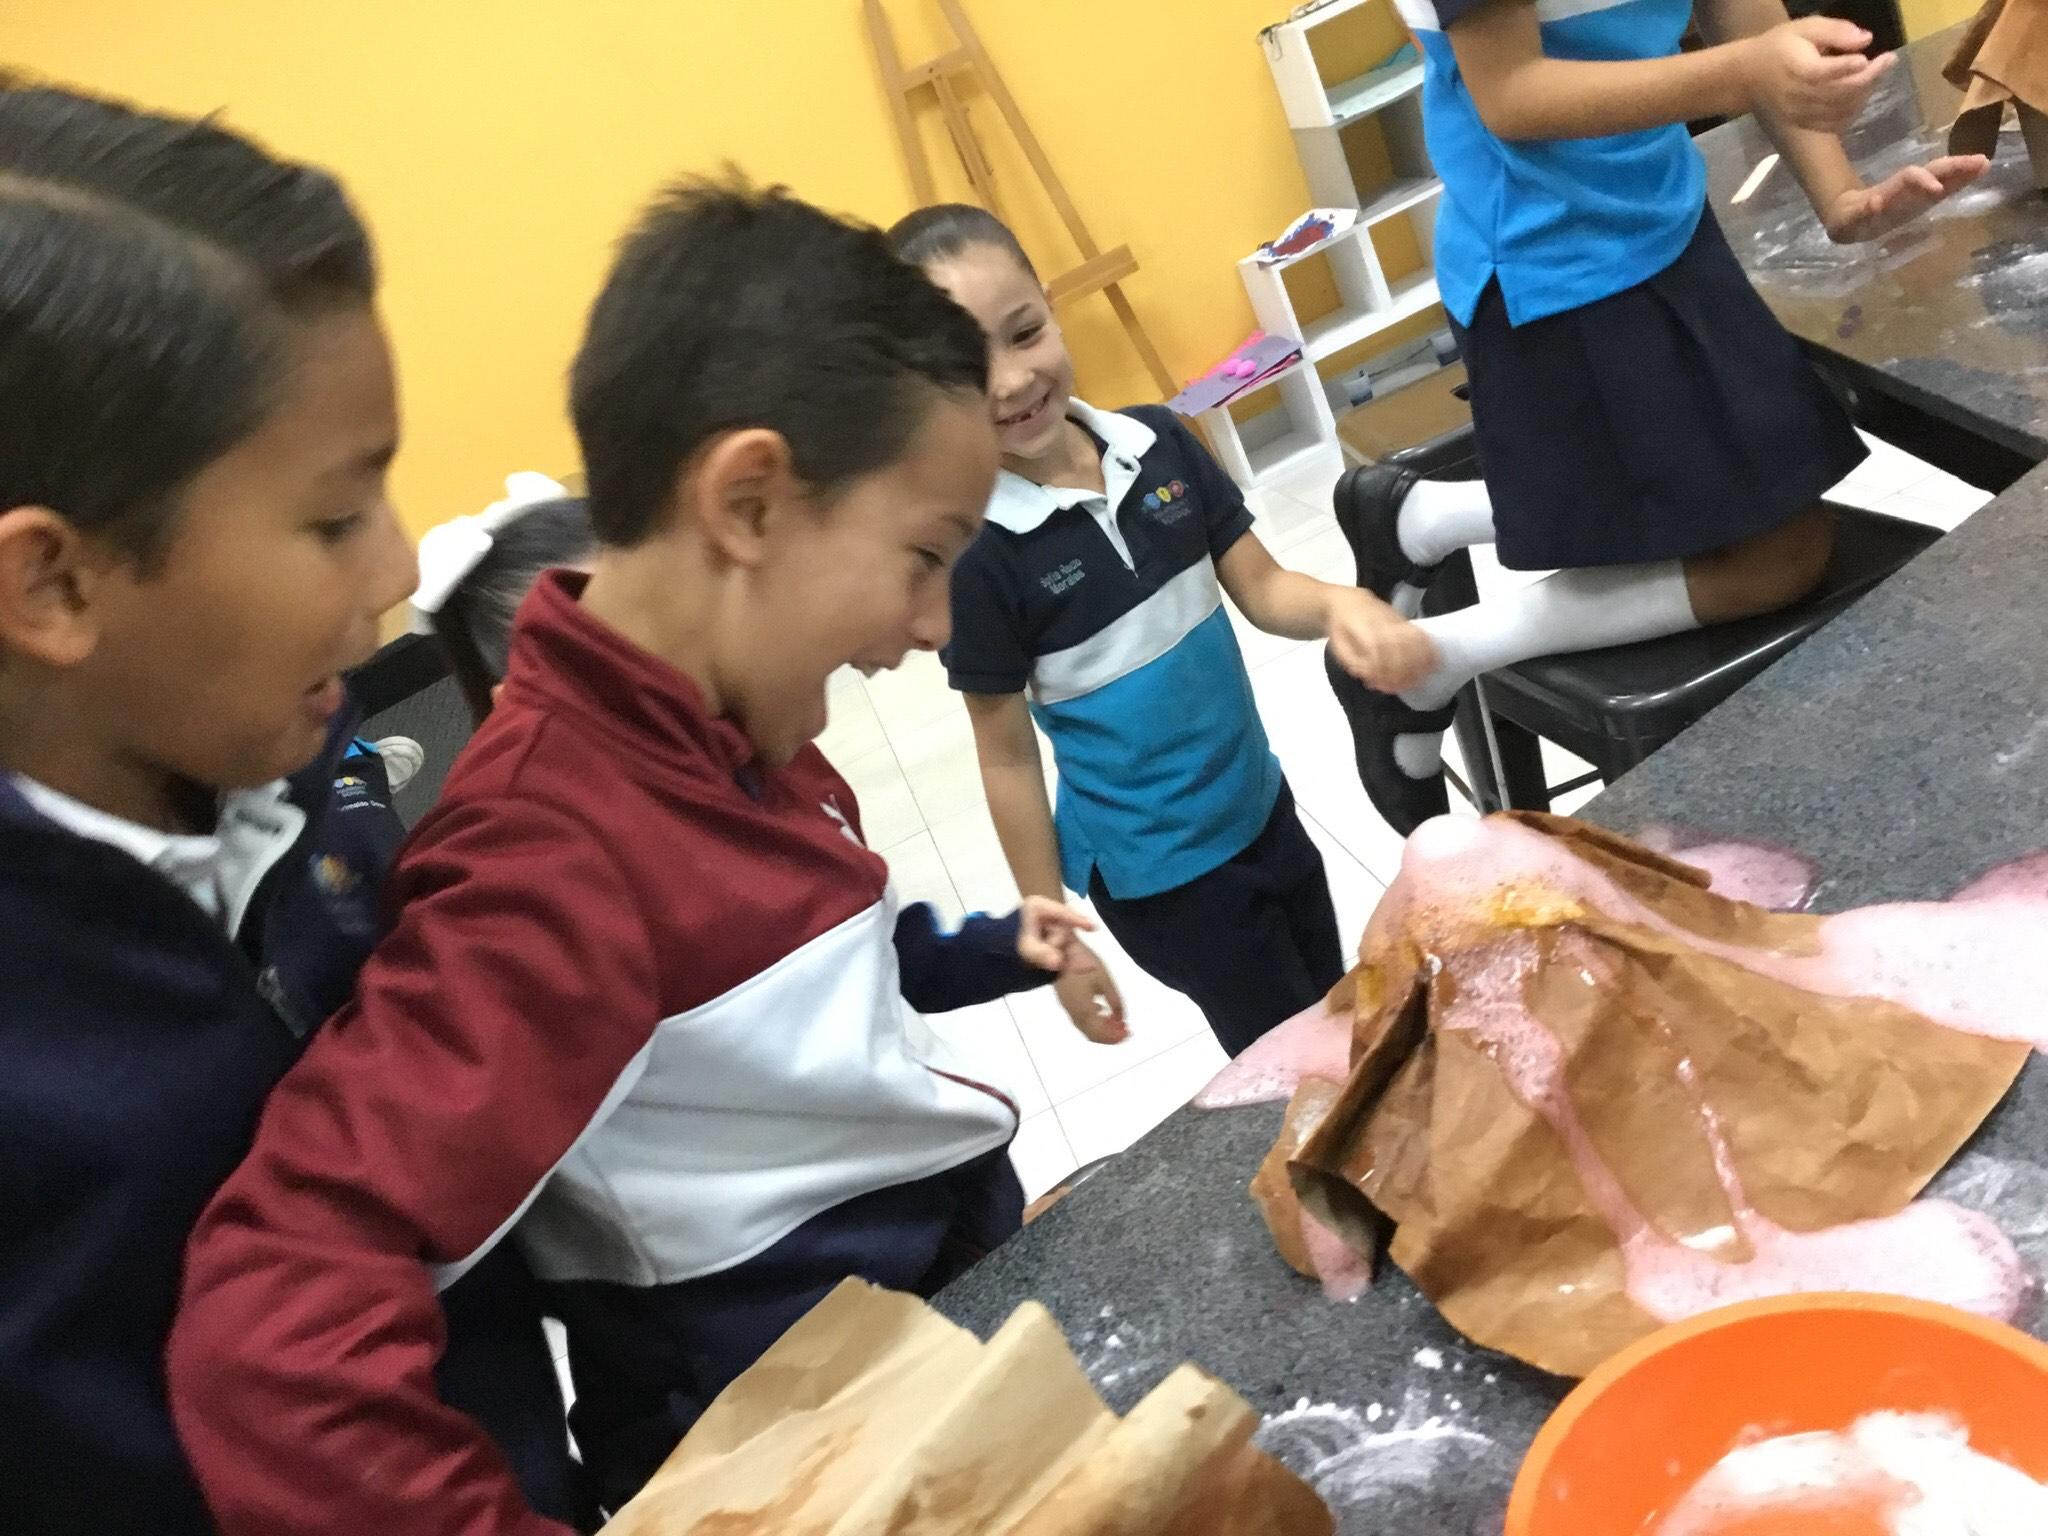 Especial día del maestro: María Esther Rodríguez Núñez. Harmony School, maestra titular de primero de primaria, en septiembre cumple 25 años de docencia.